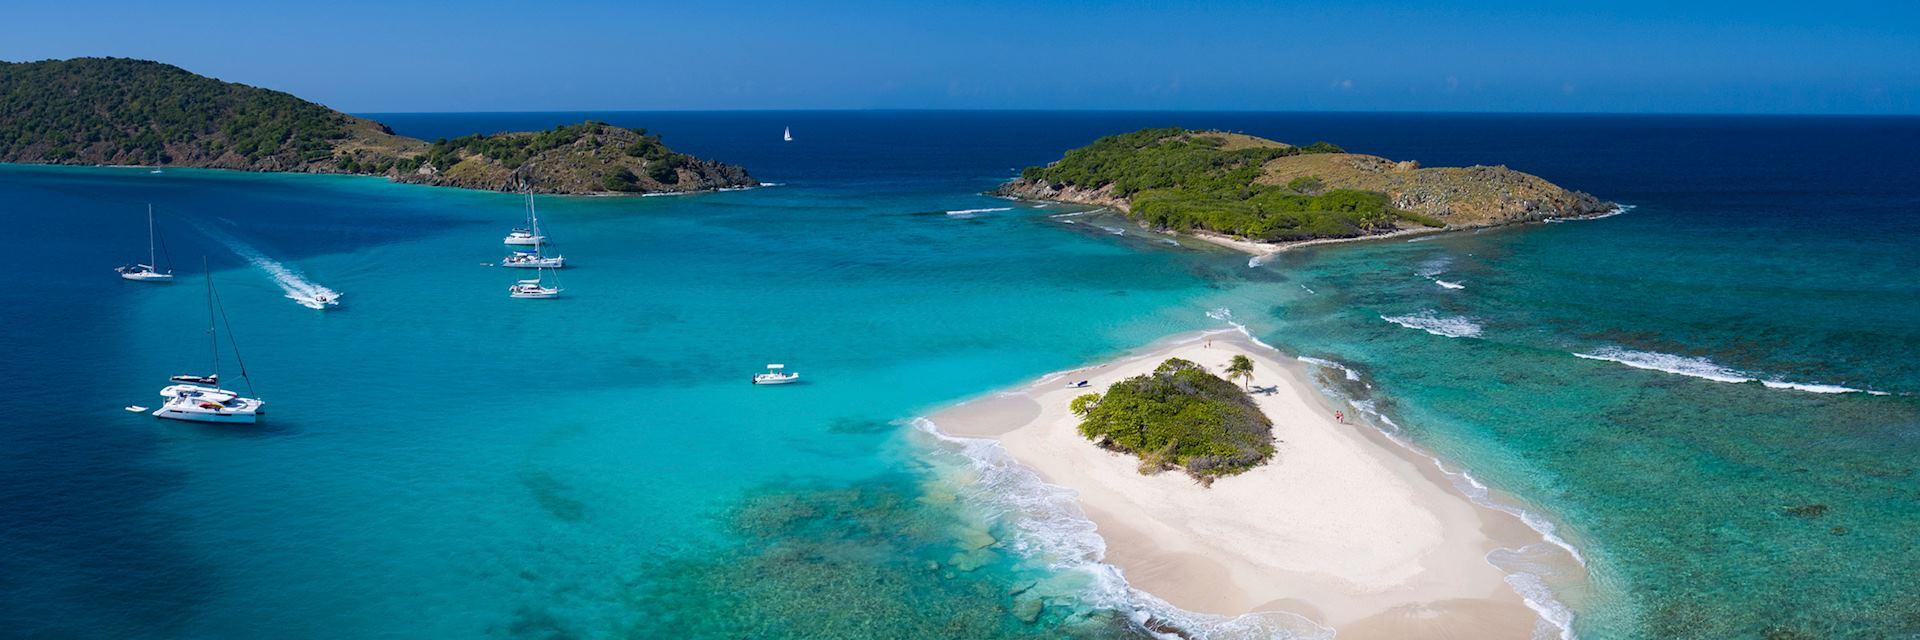 Sandy Spit Island in the British Virgin Islands